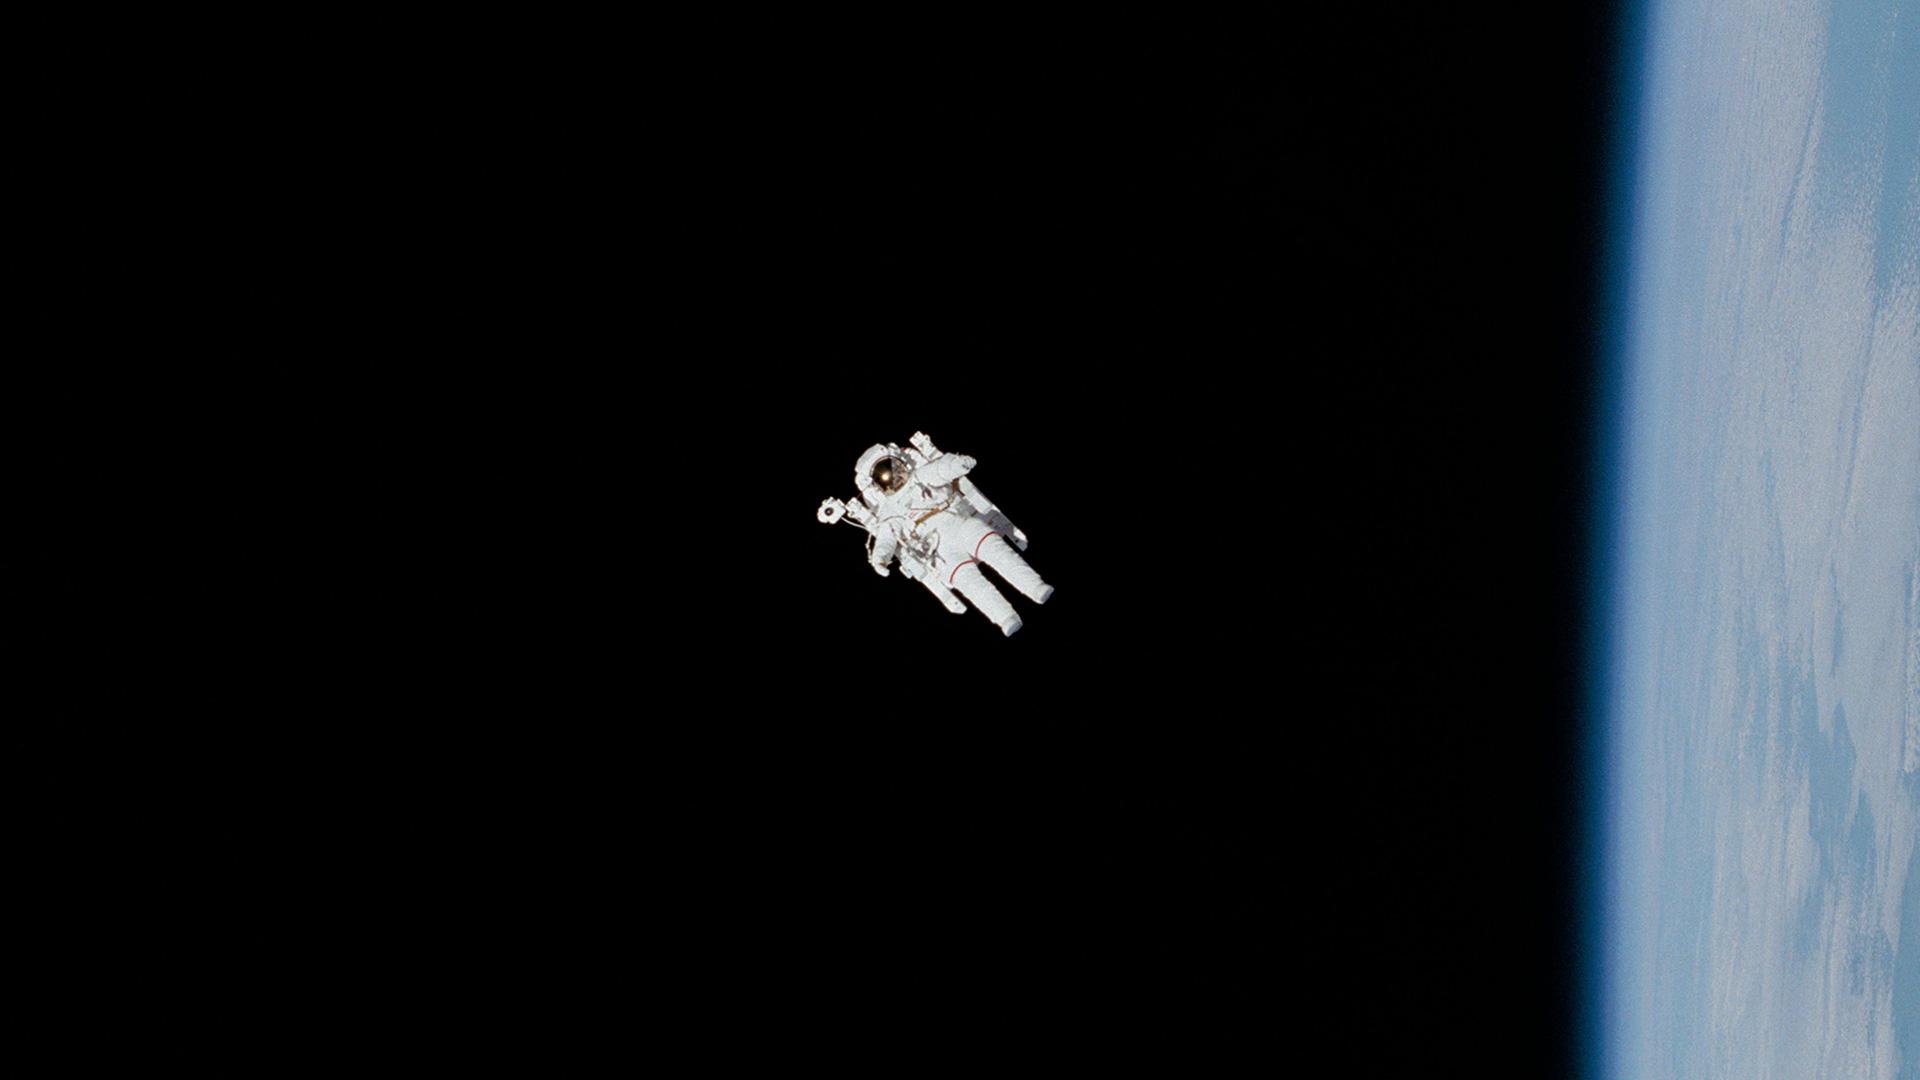 témoignages - photo de cosmonaute dans l'espace - nasa